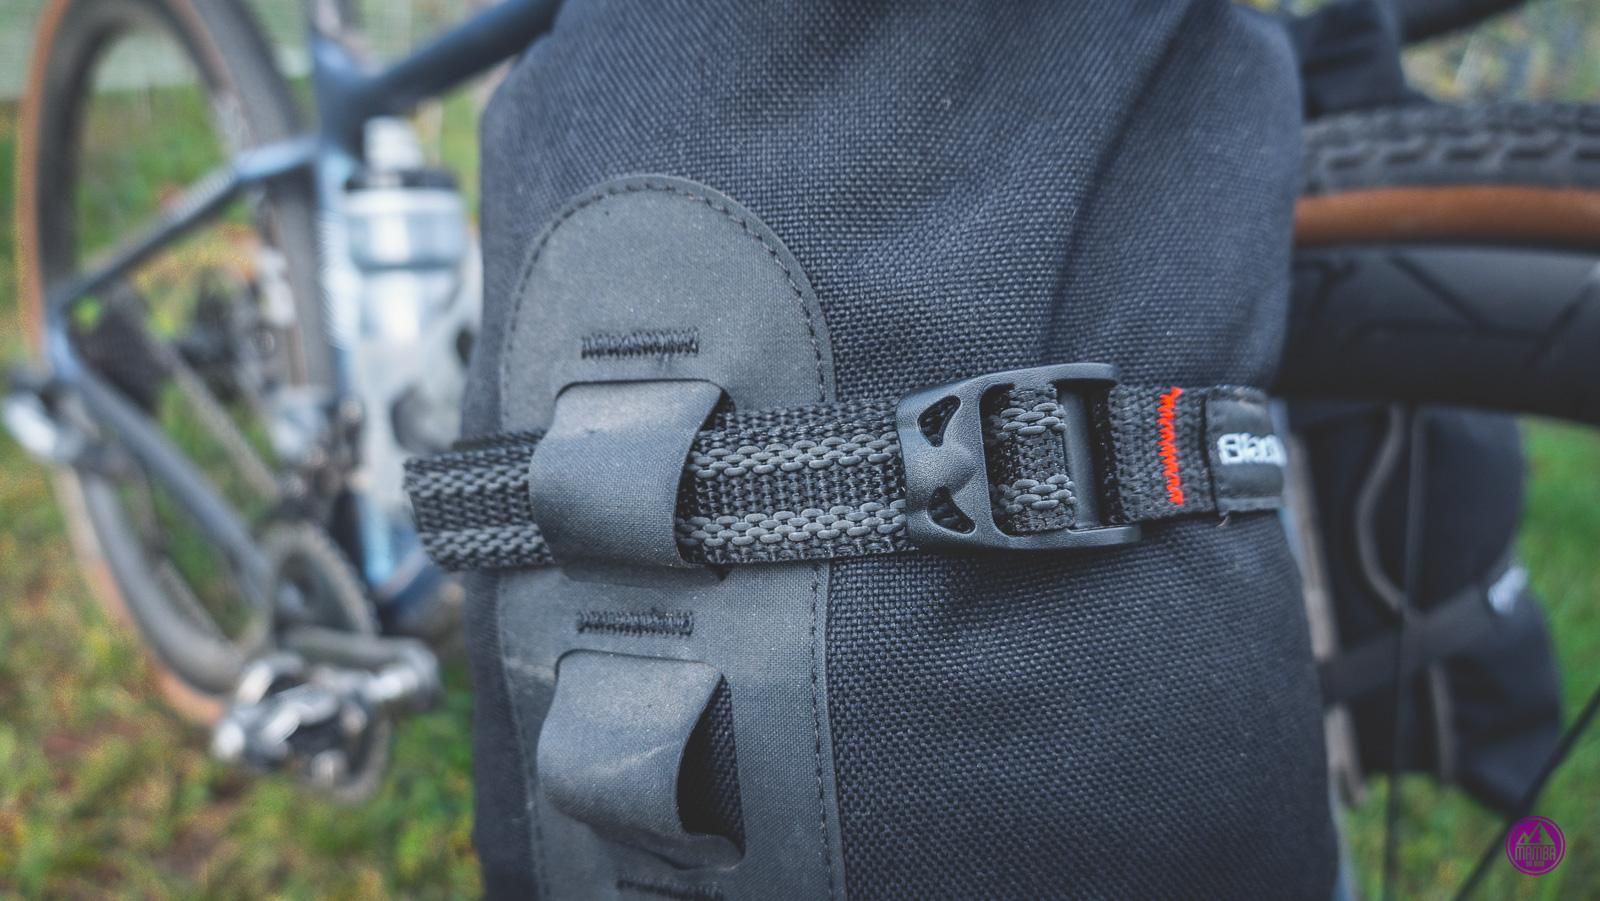 Torby bikepackingowe  na widelcu